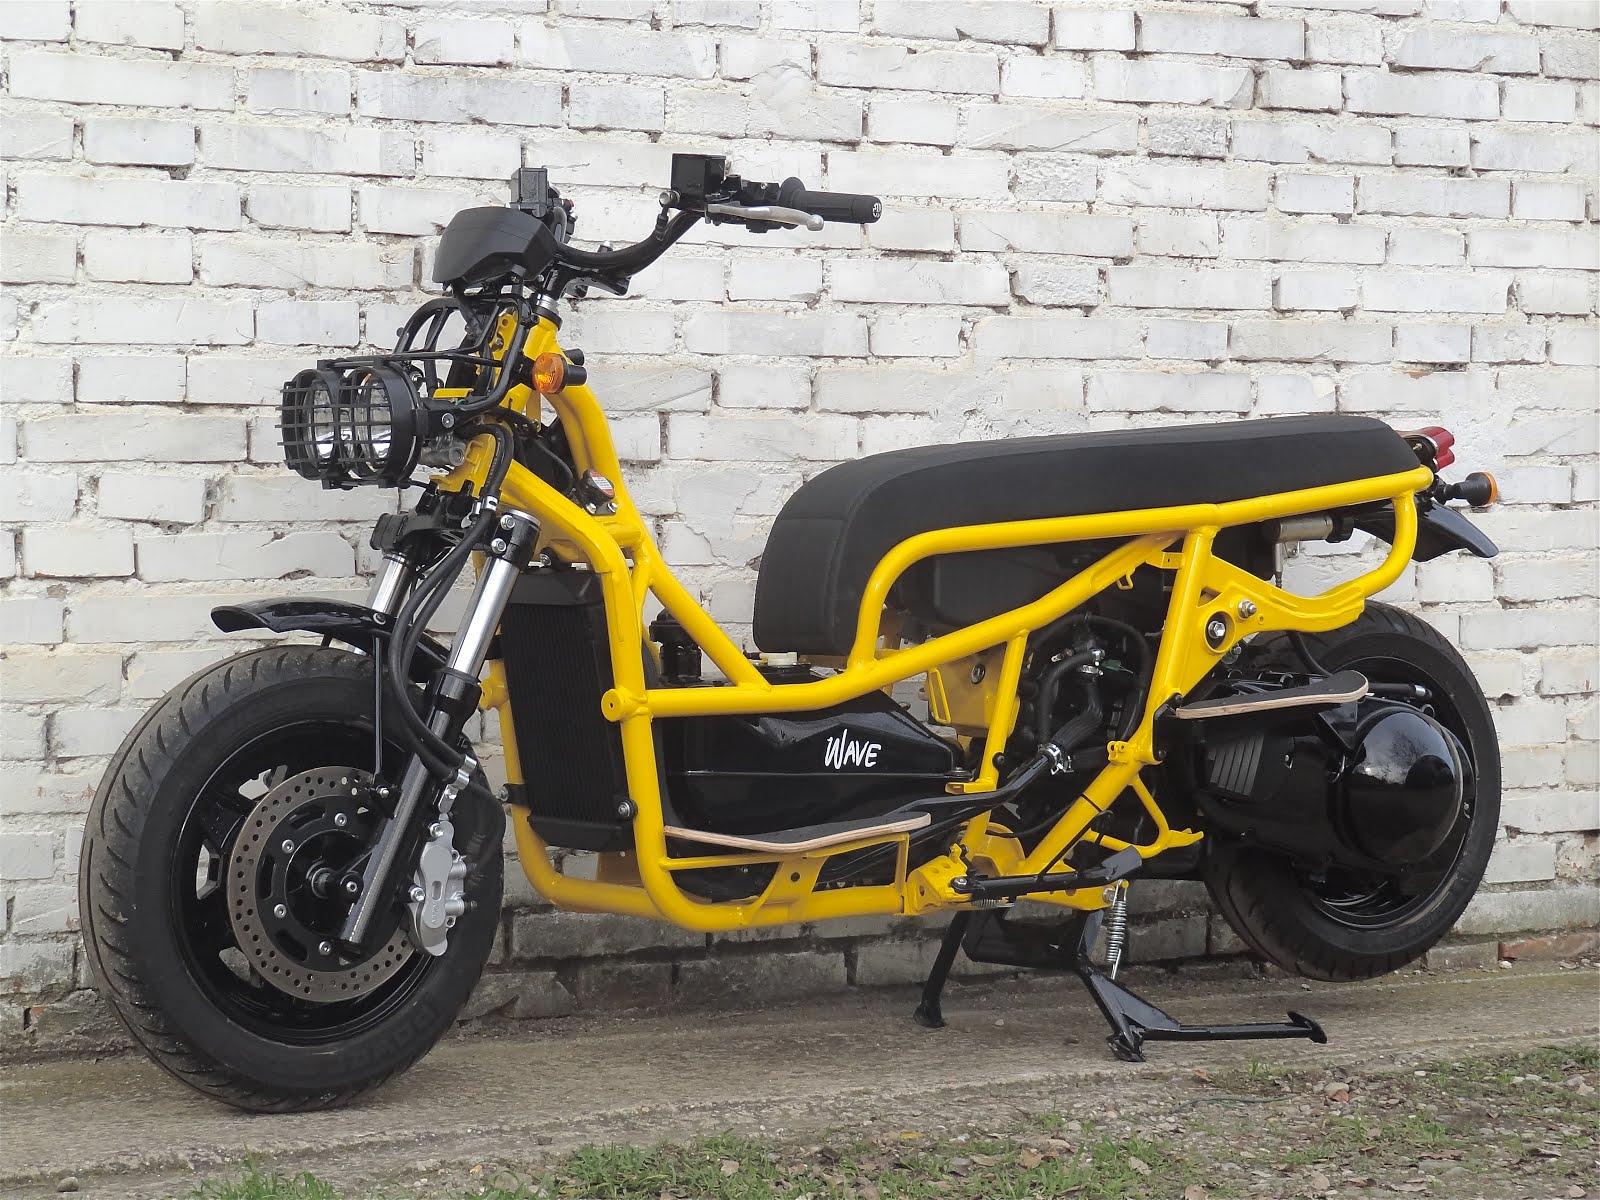 suzuki 400 wave yellow